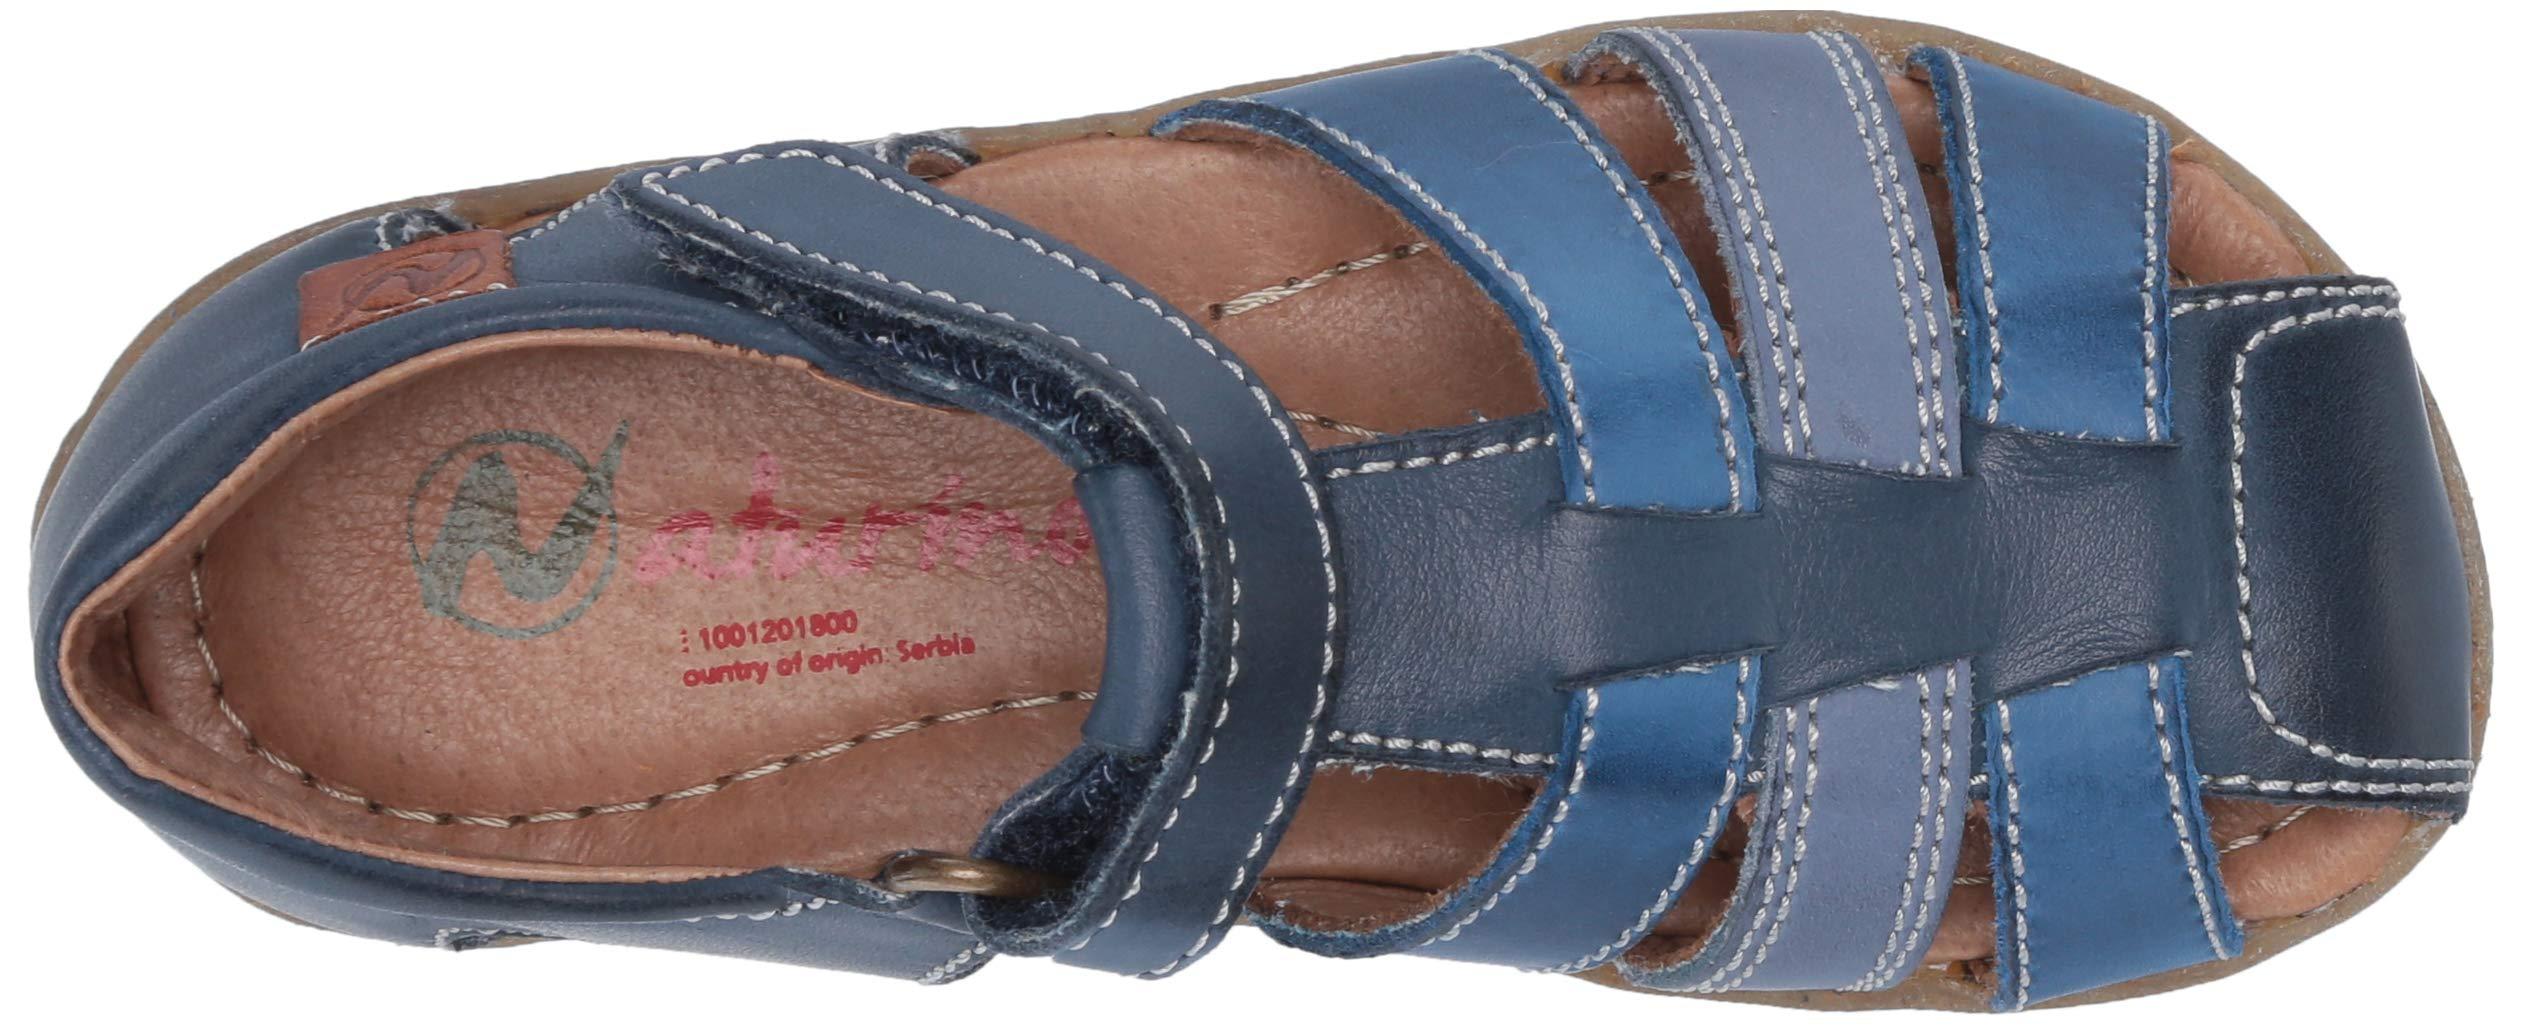 Naturino Boys See Gladiator Sandals, Multicolour (Navy/Azzurro/Celeste 1c53), 7 UK 7UK Child by Naturino (Image #8)